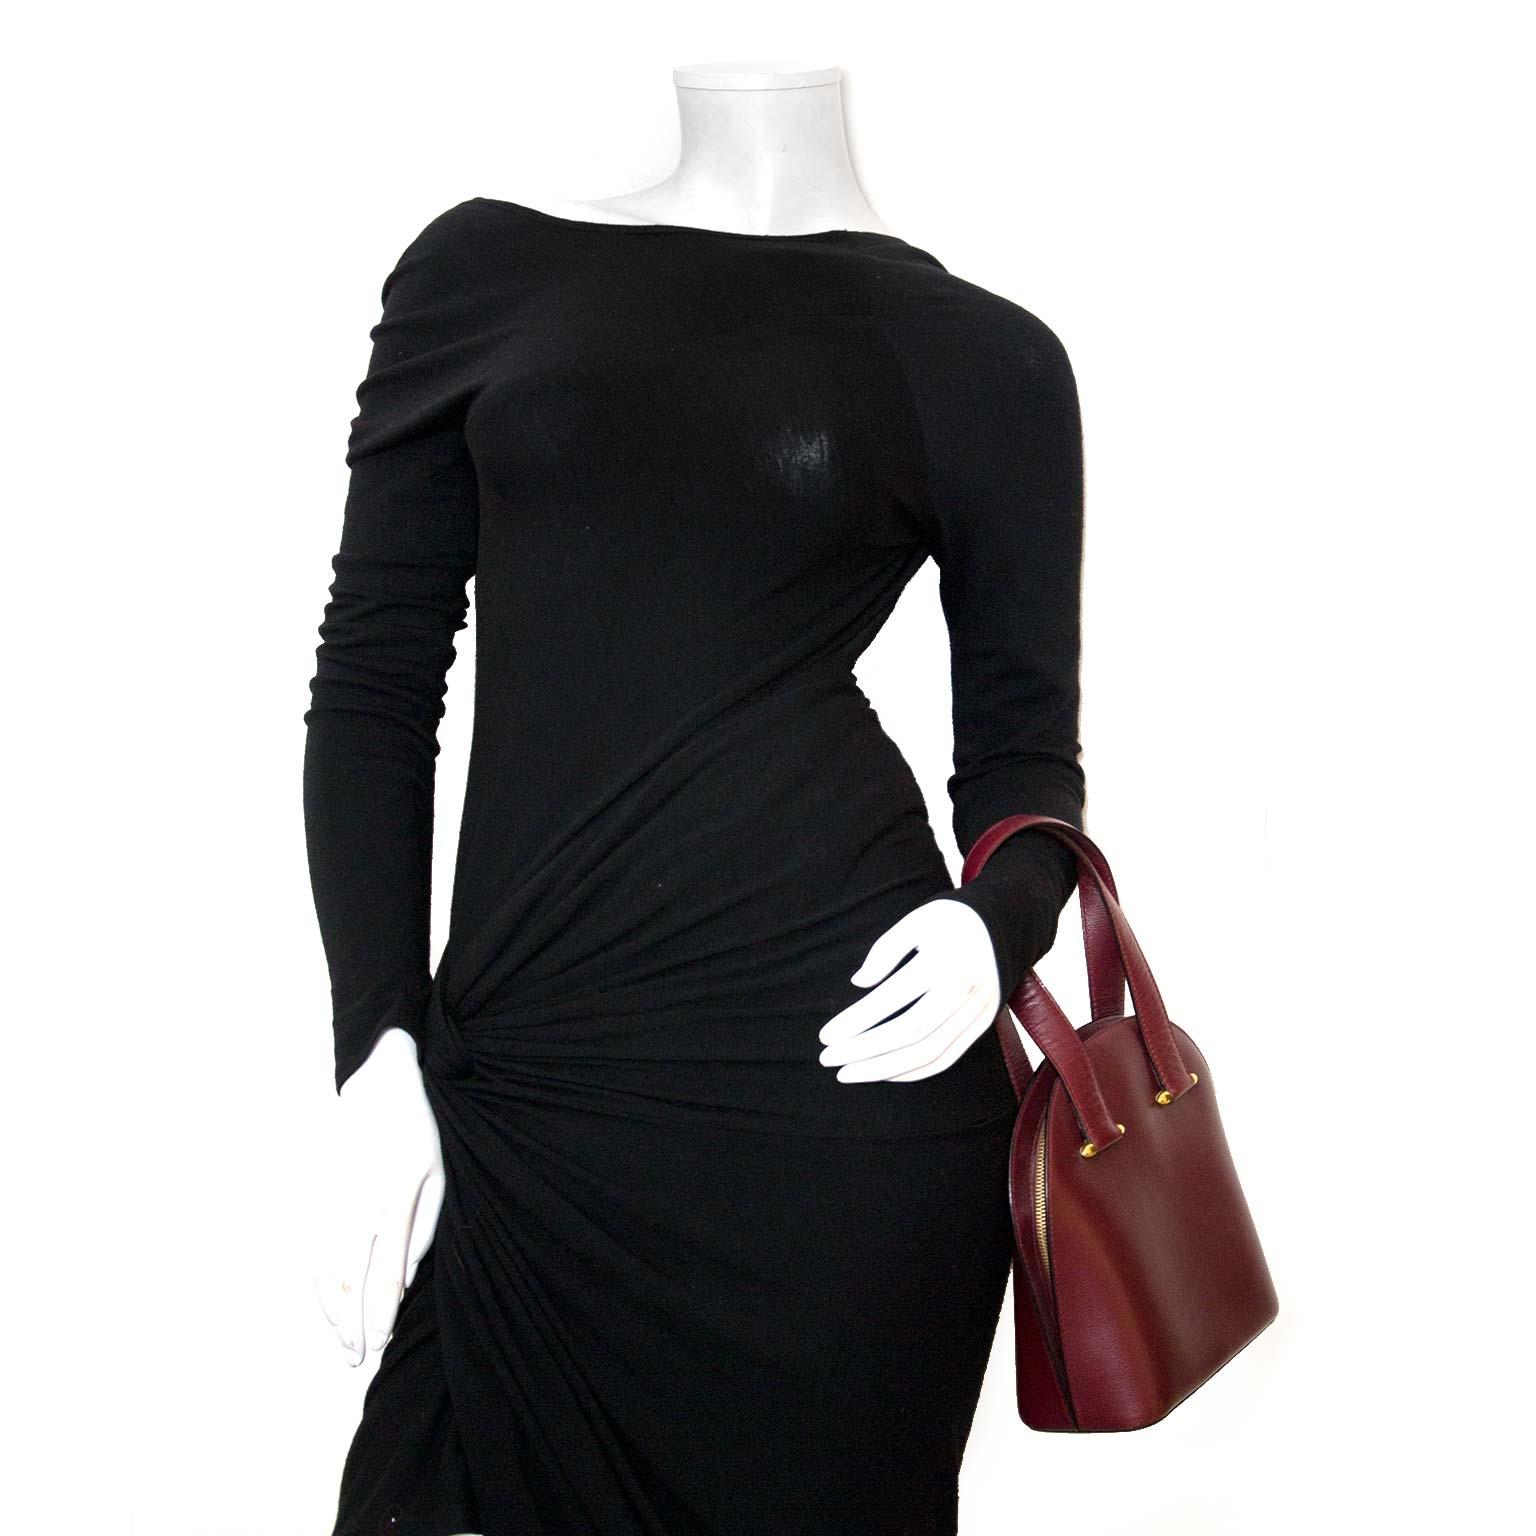 Koop authentieke must de cartier bordeaux tassen bij labellov vintage mode webshop belgië